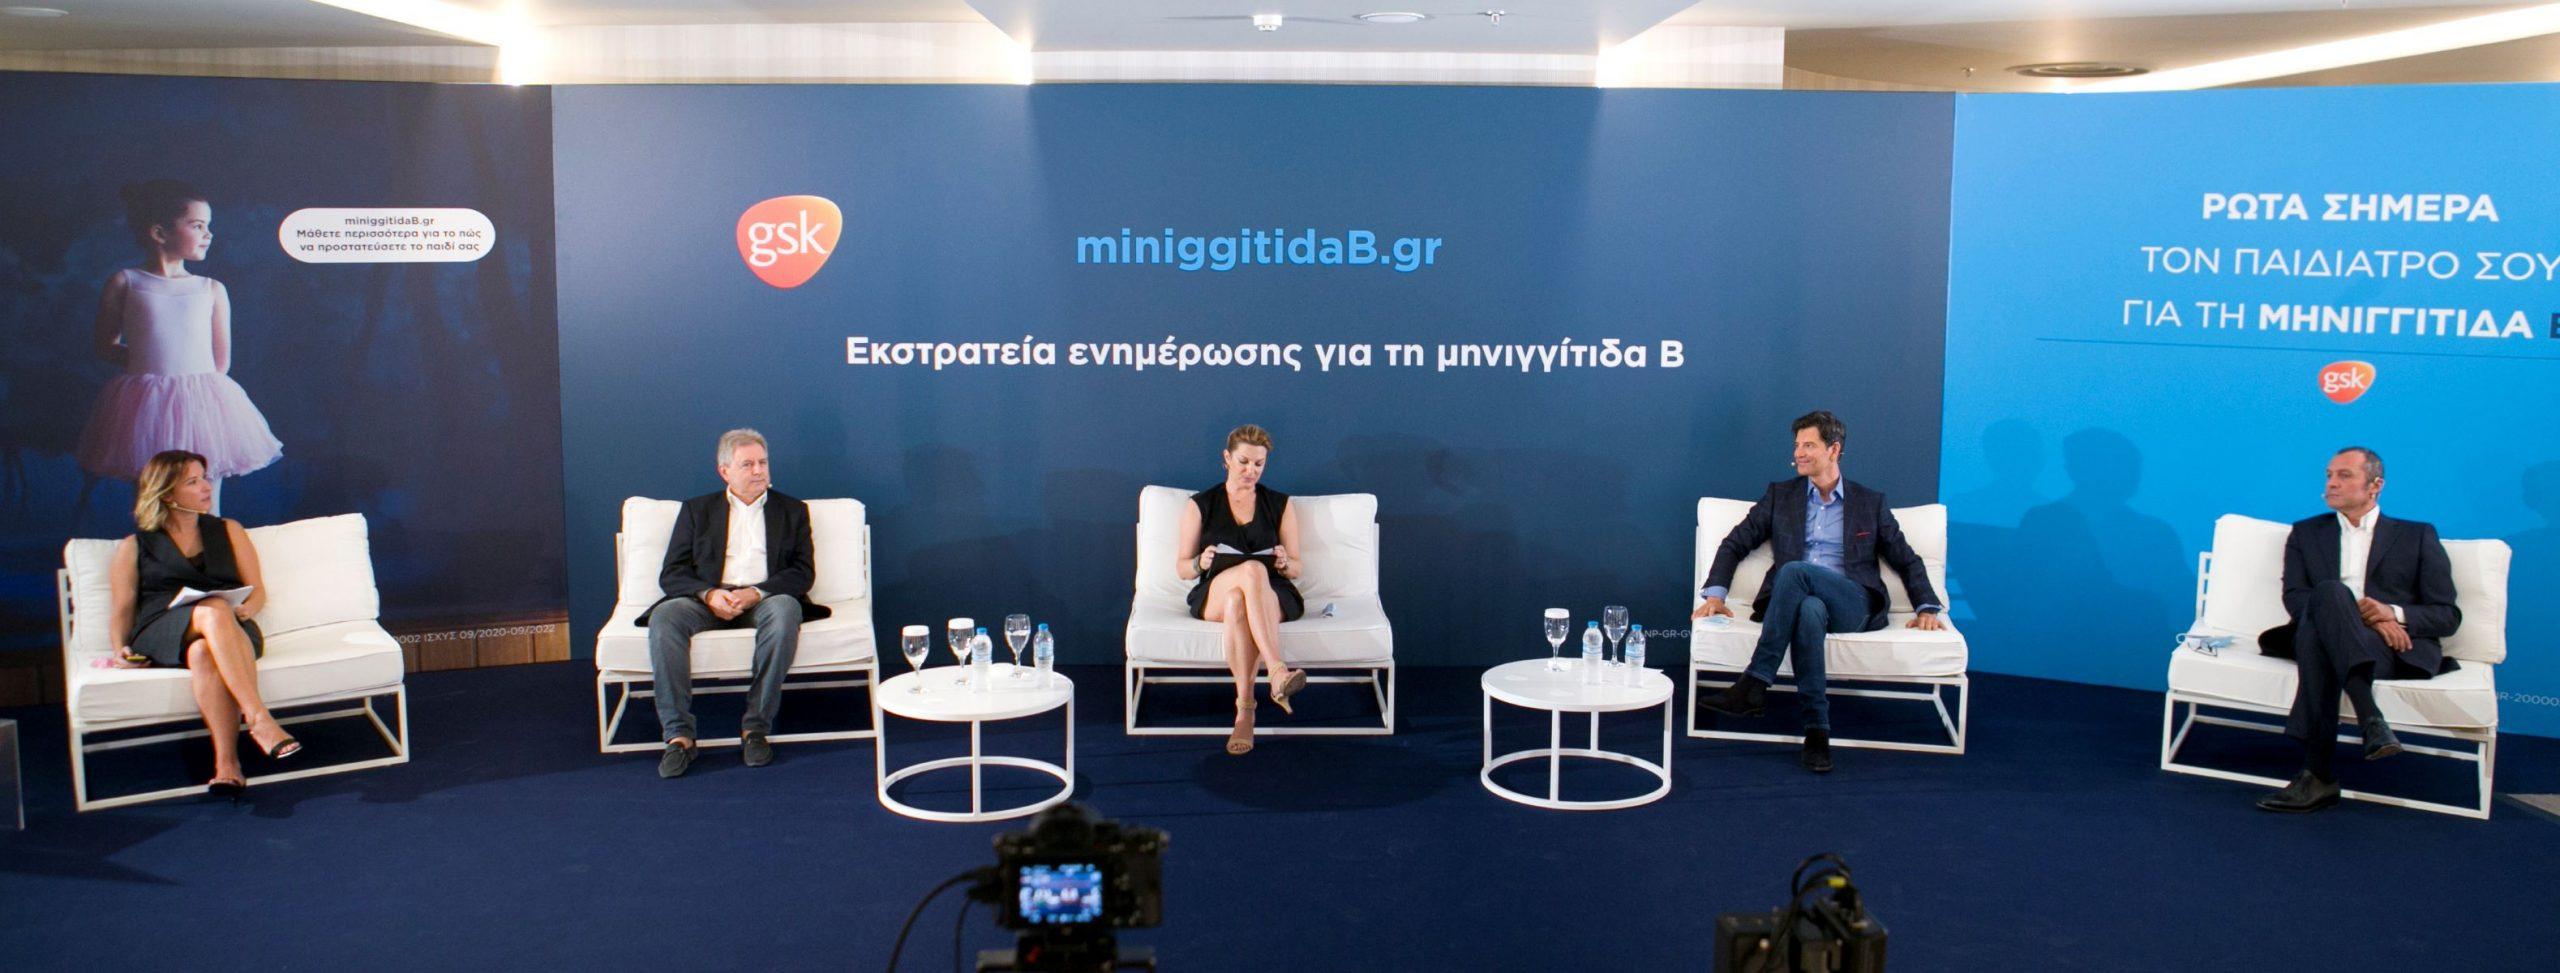 Μηνιγγιτιδοκοκκική Νόσο τύπου Β: Παγκόσμια Εκστρατεία Ενημέρωσηςξεκινά στην Ελλάδα